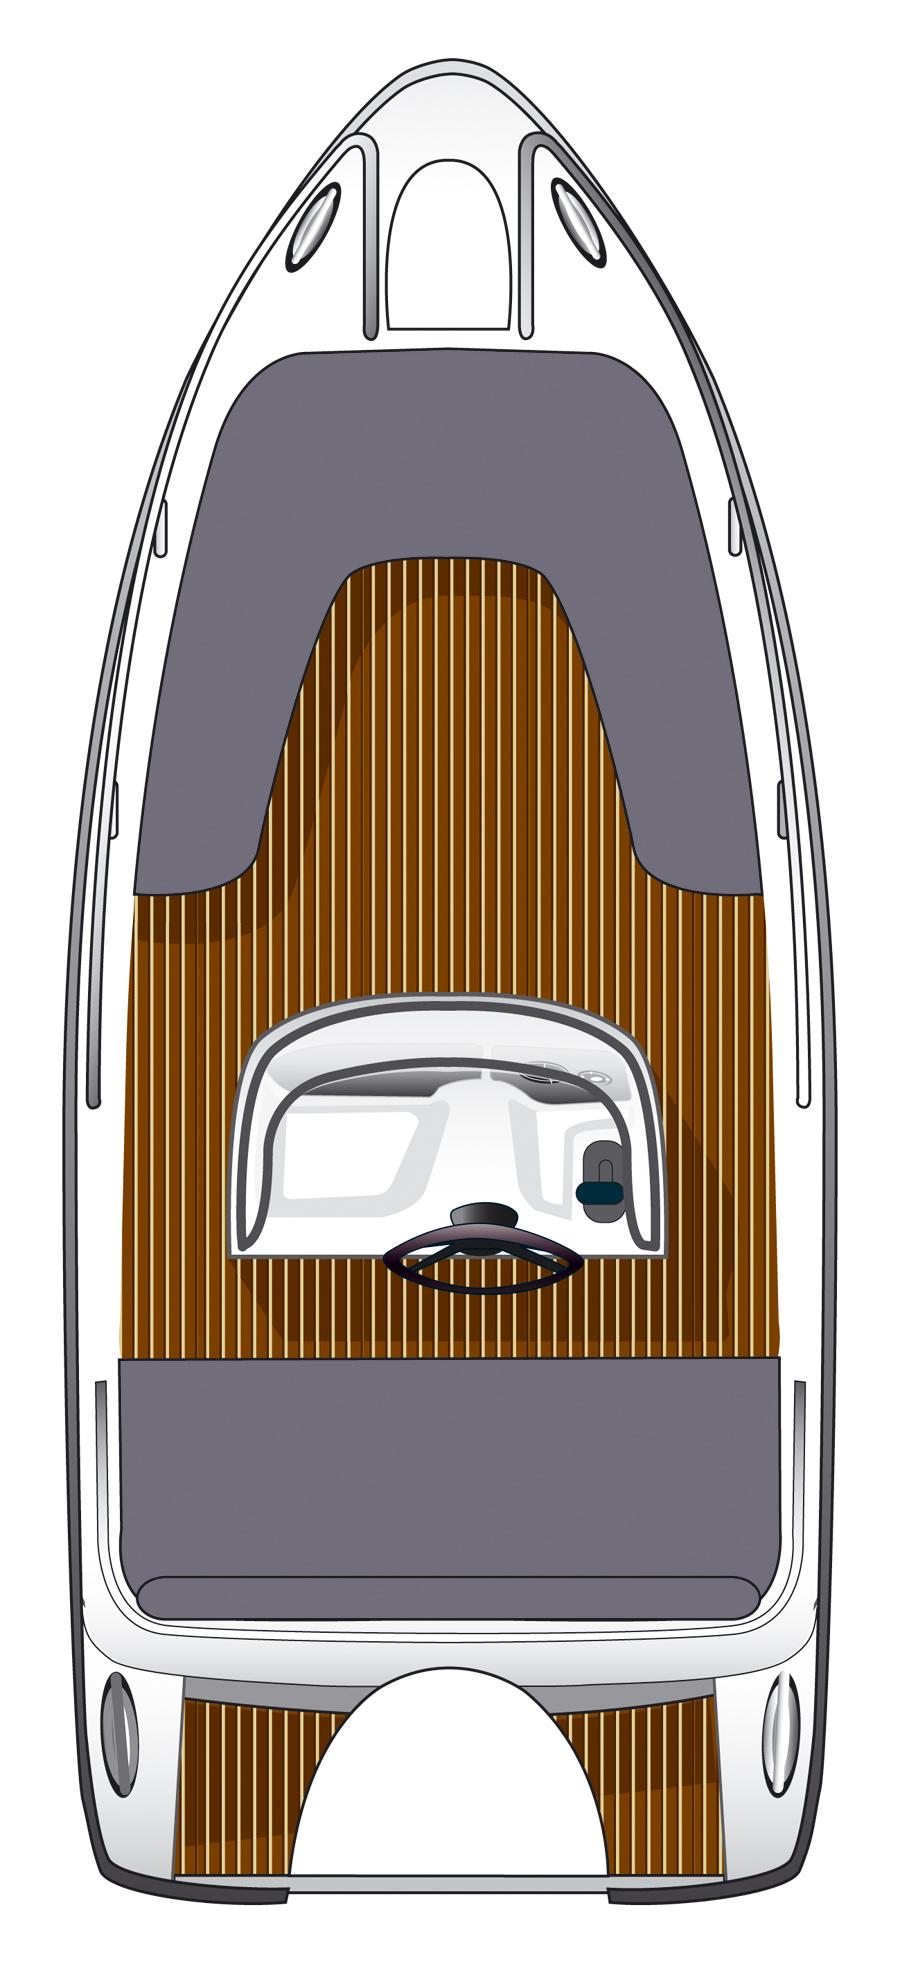 Finnmaster 49 CC